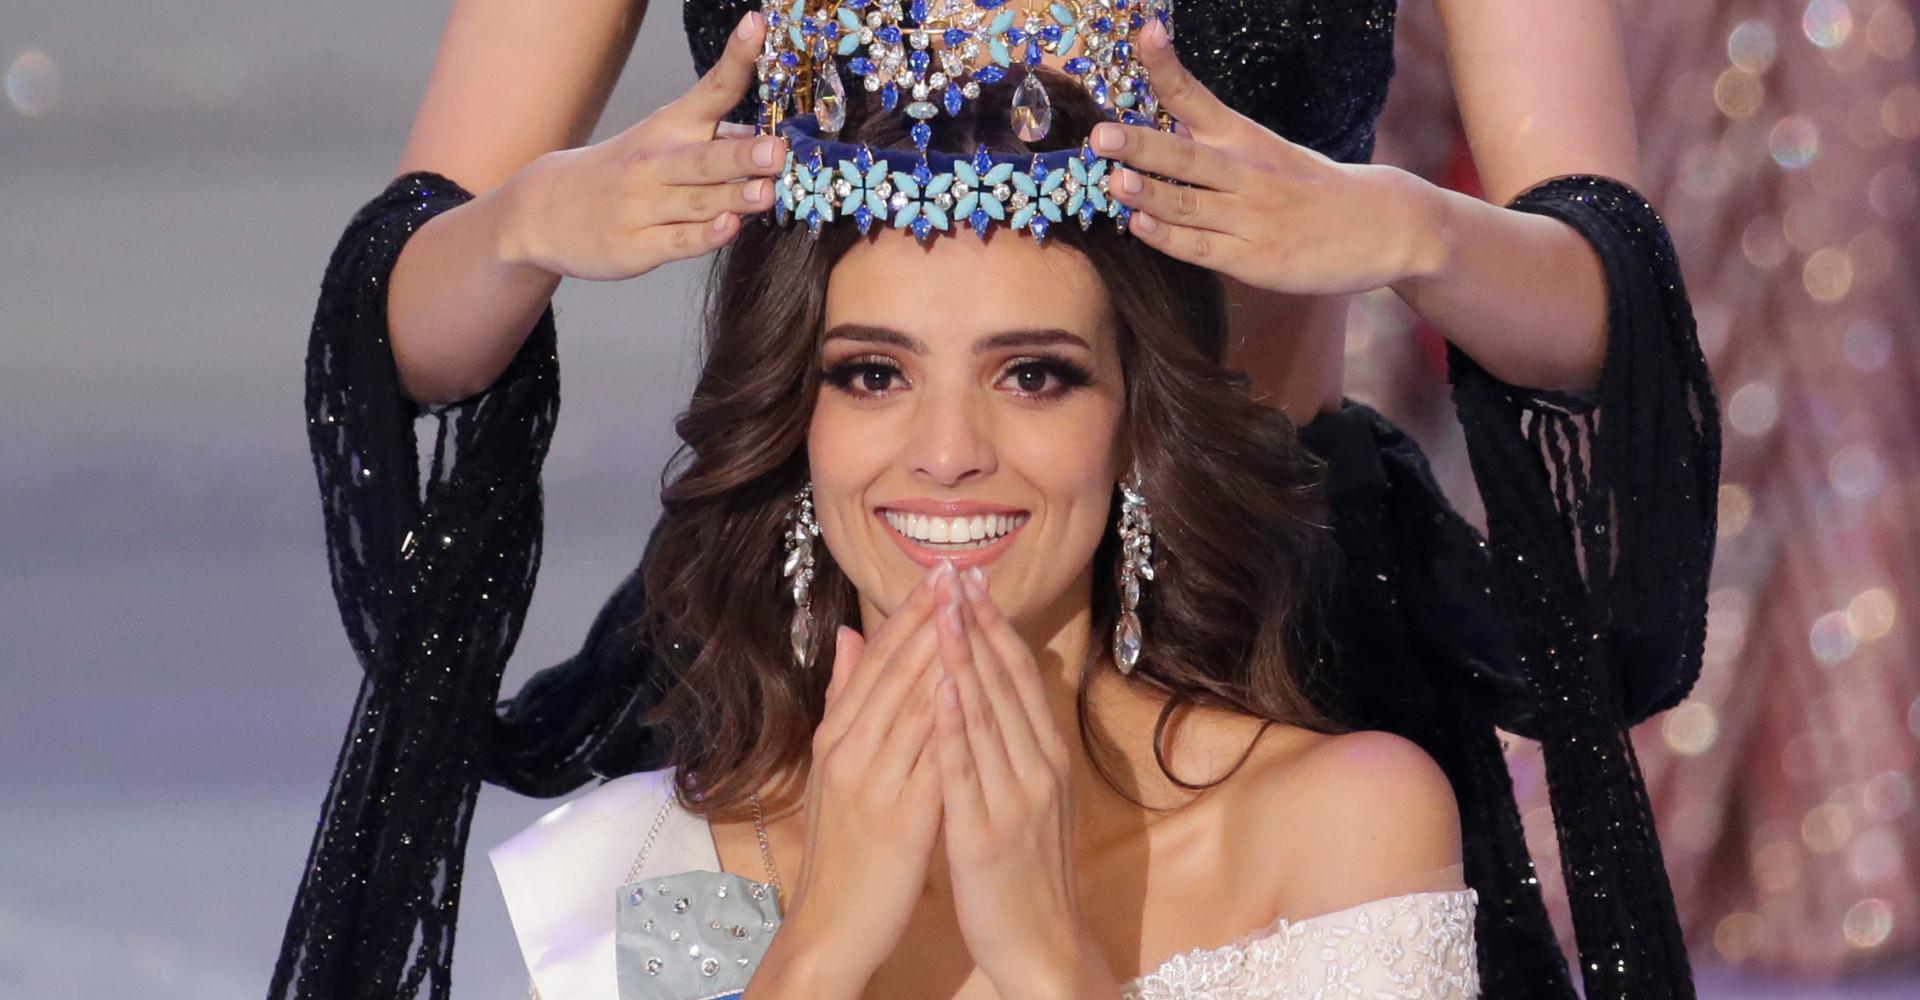 México gana por primera vez el título de Miss Mundo